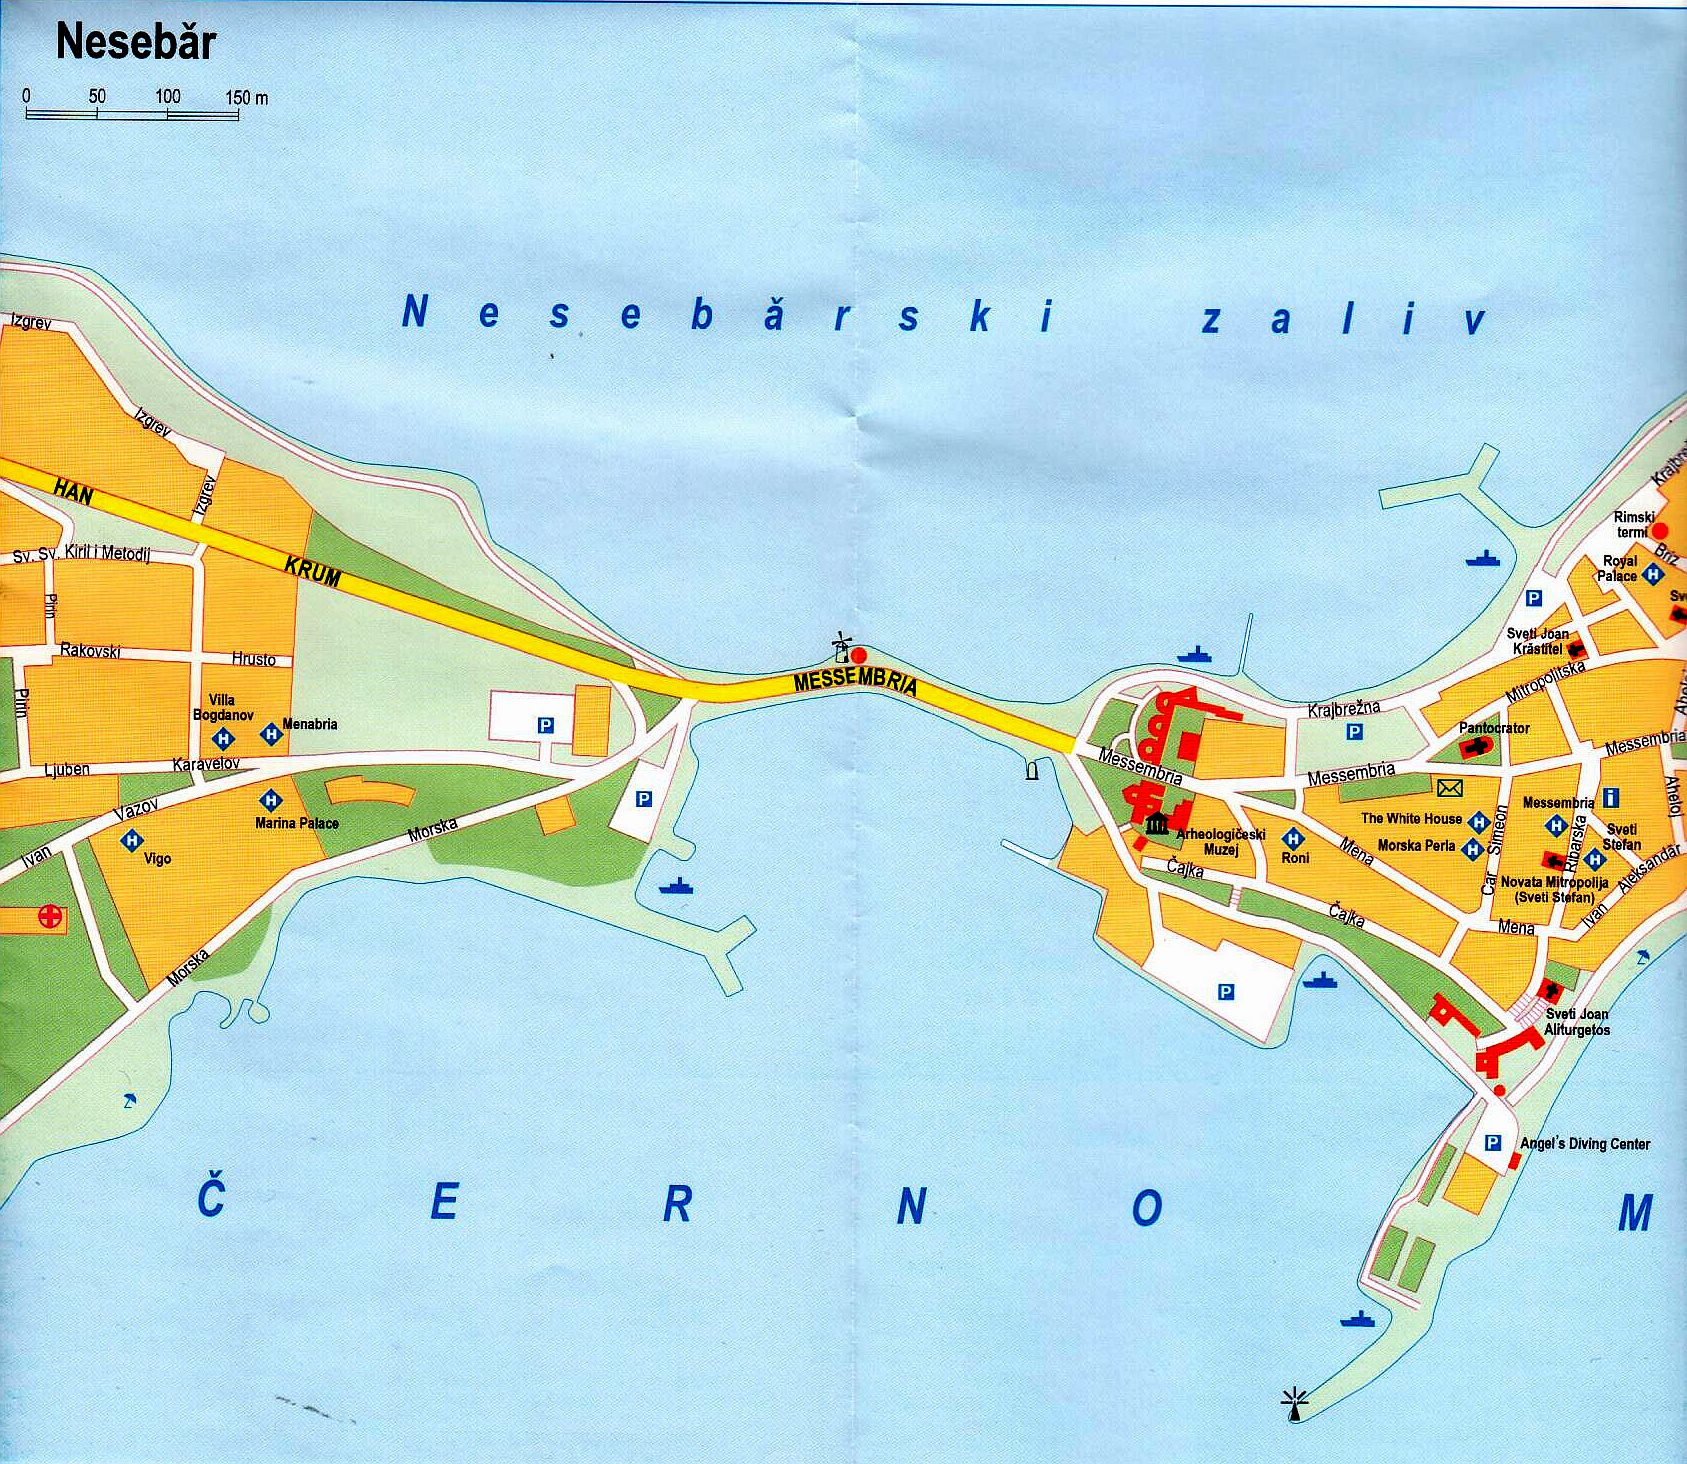 Bulgária Neszebár térkép mintakivágat